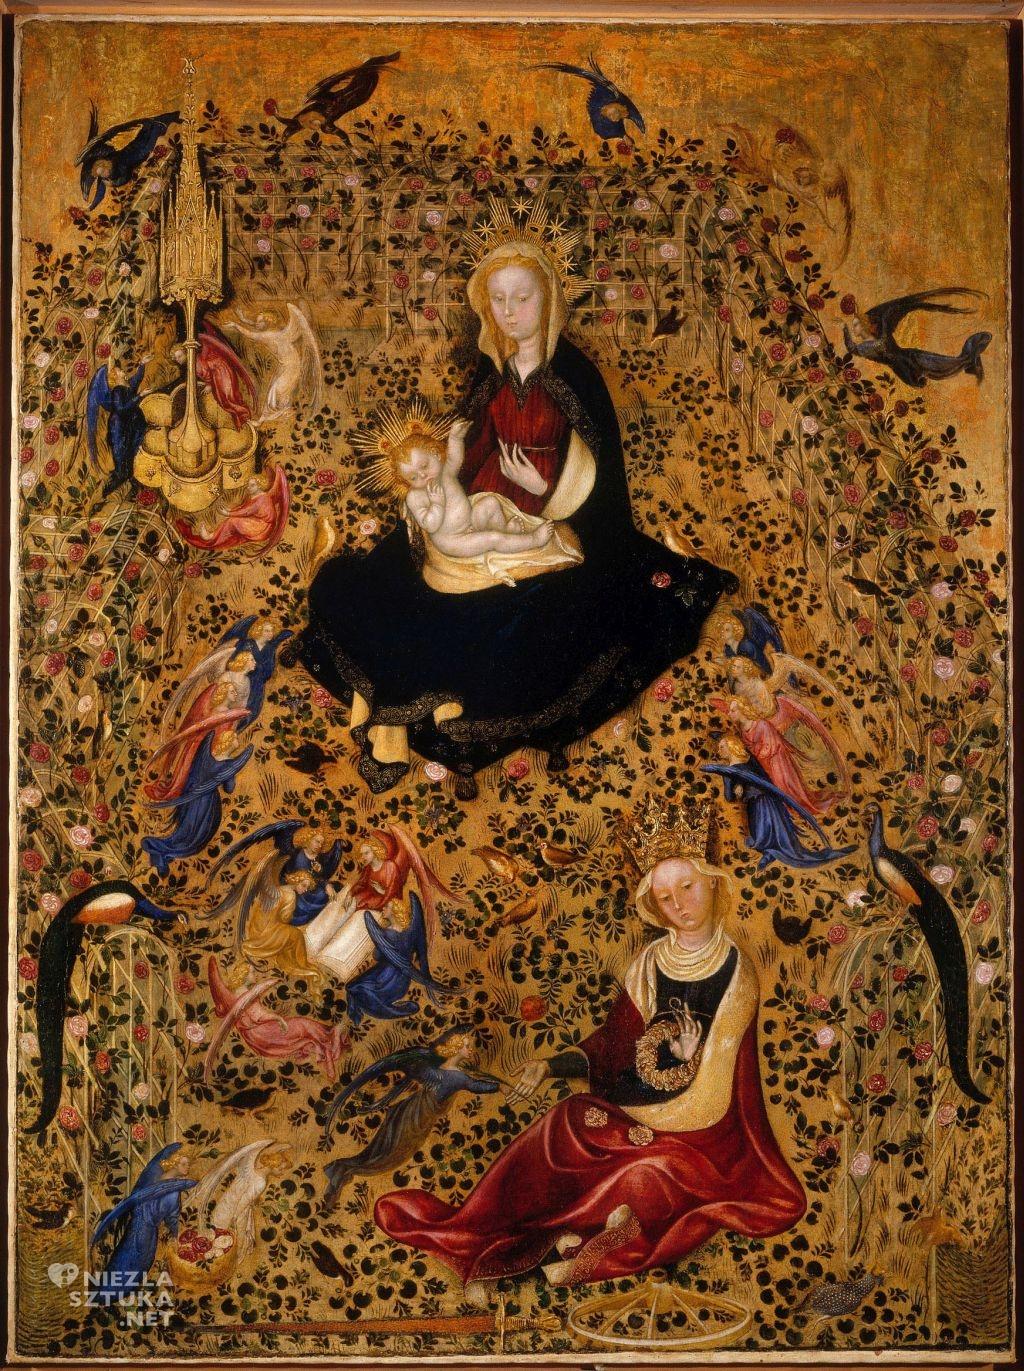 Obraz przypisywany Michelino da Besozzo Madonna w ogrodzie różanym | ok. 1435, Castelvecchio Museum, Werona